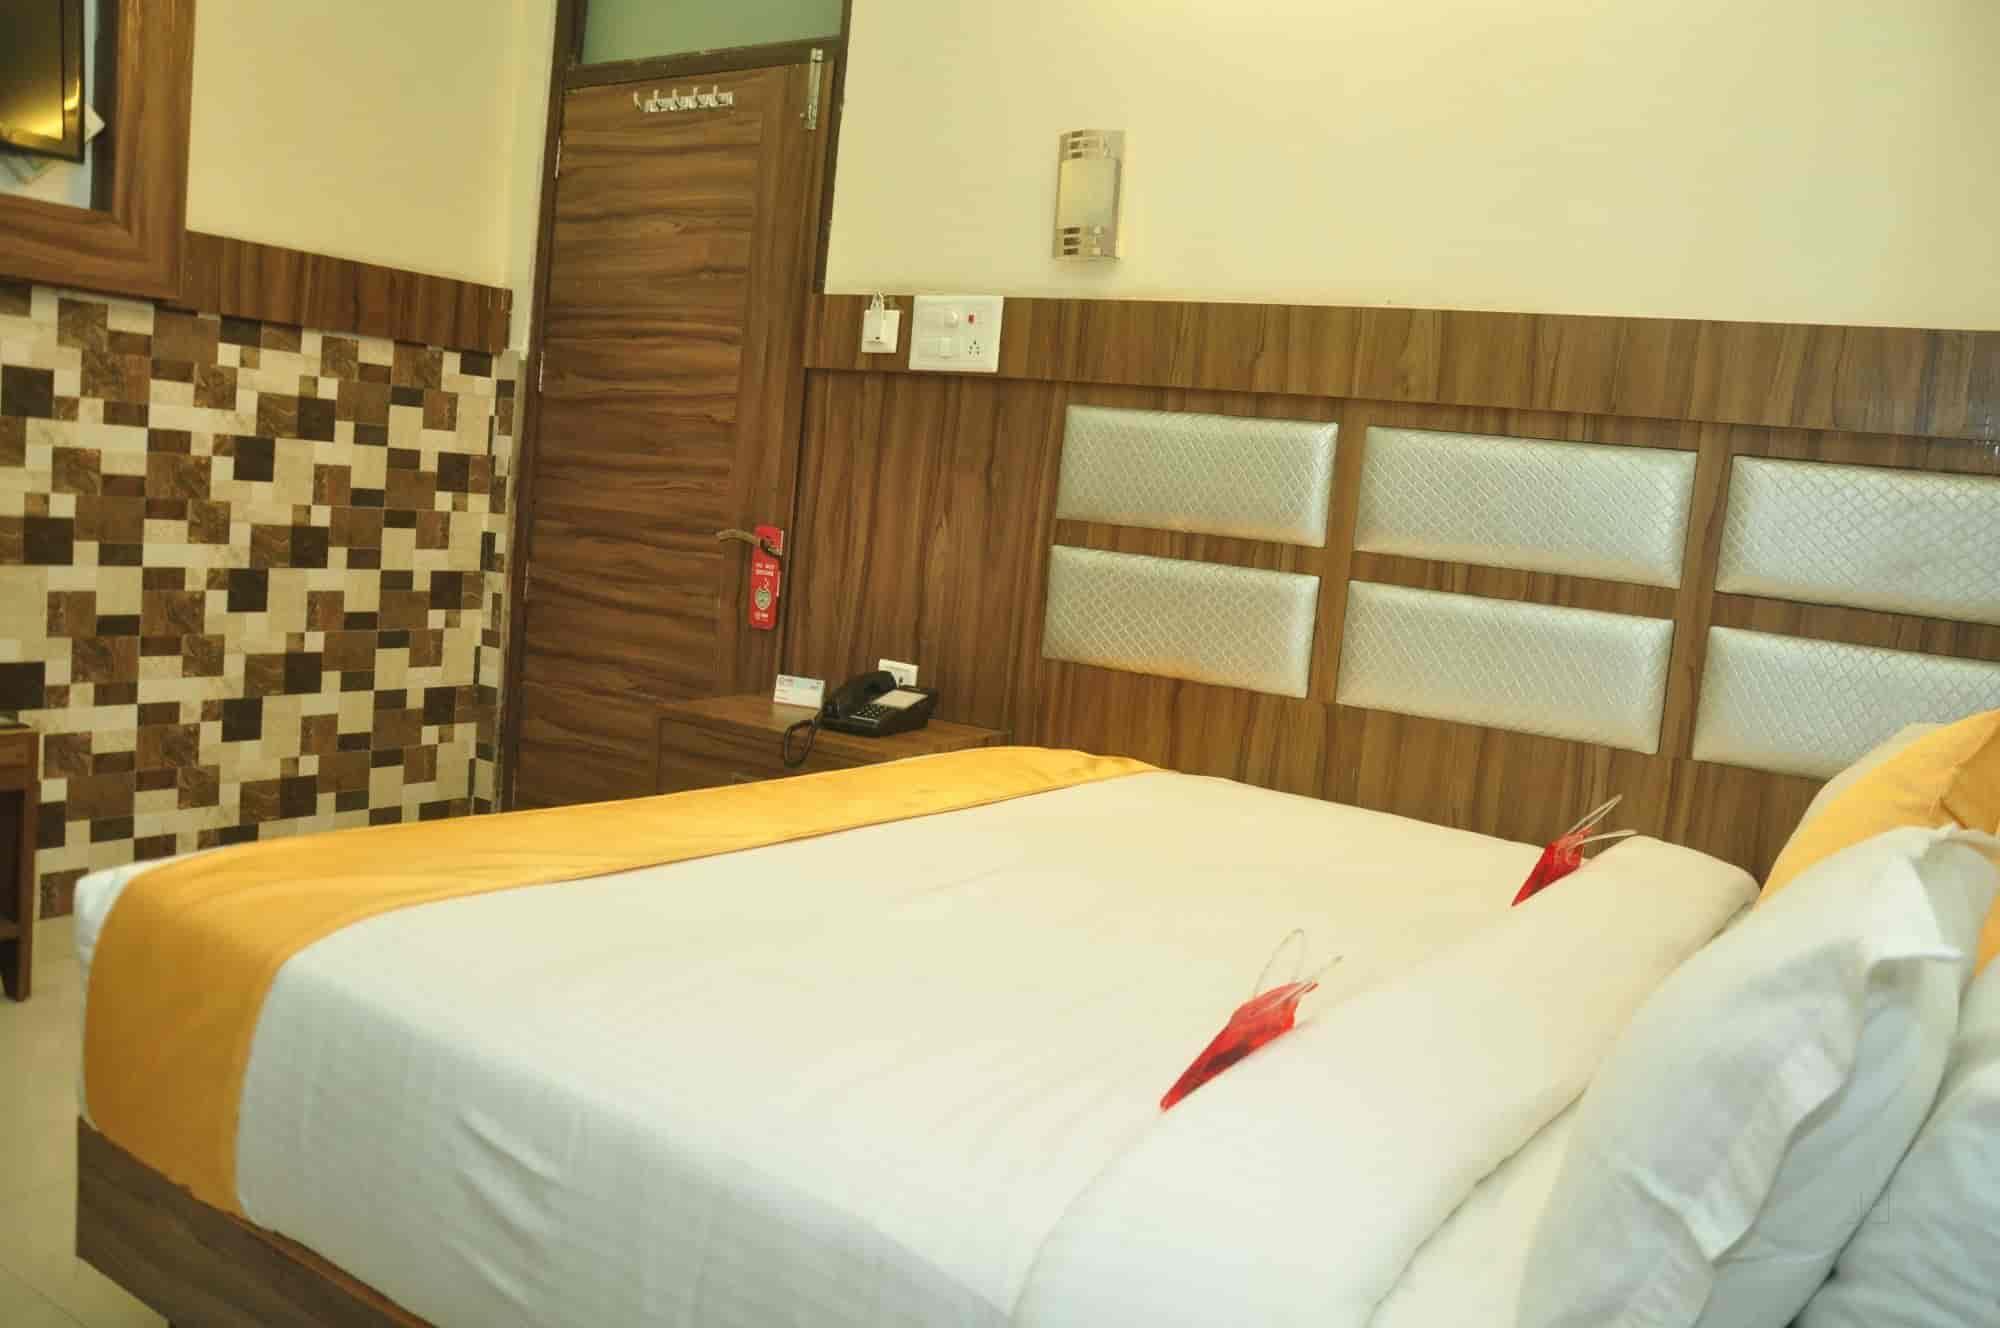 Room Oyo Rooms 038 Photos Amritsar 3 Star Hotels